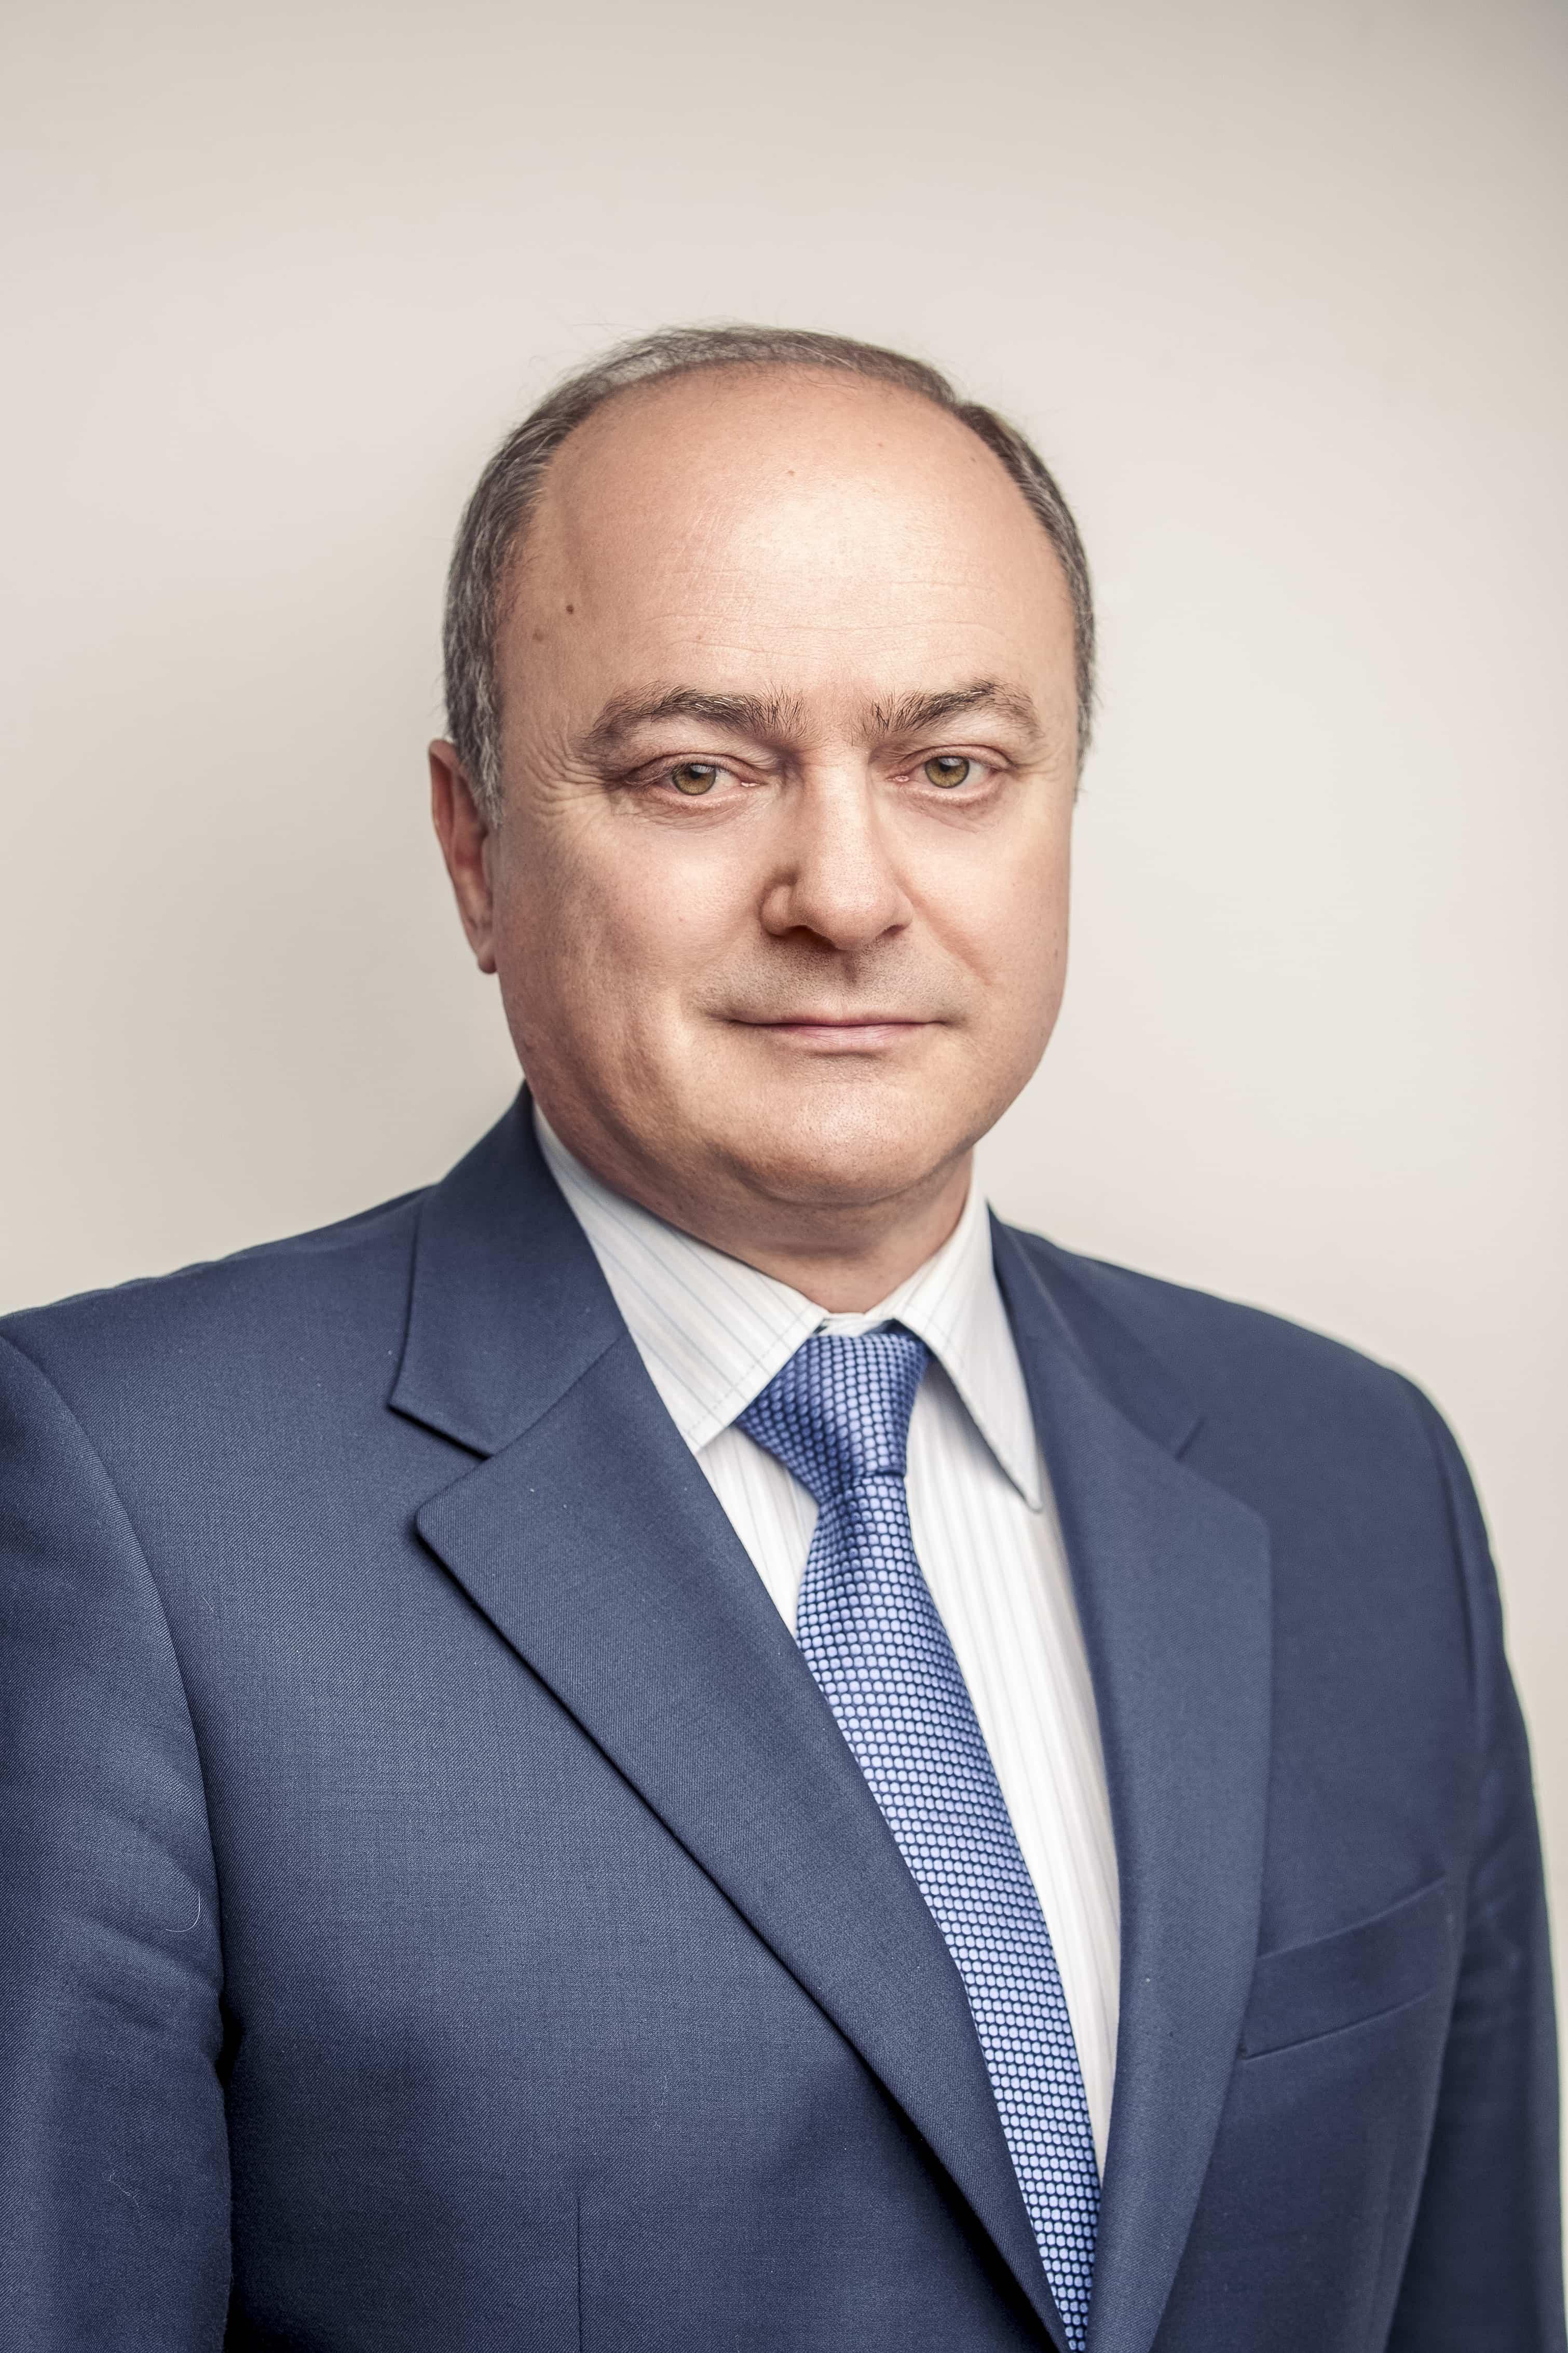 Дутчак Мирослав Васильович